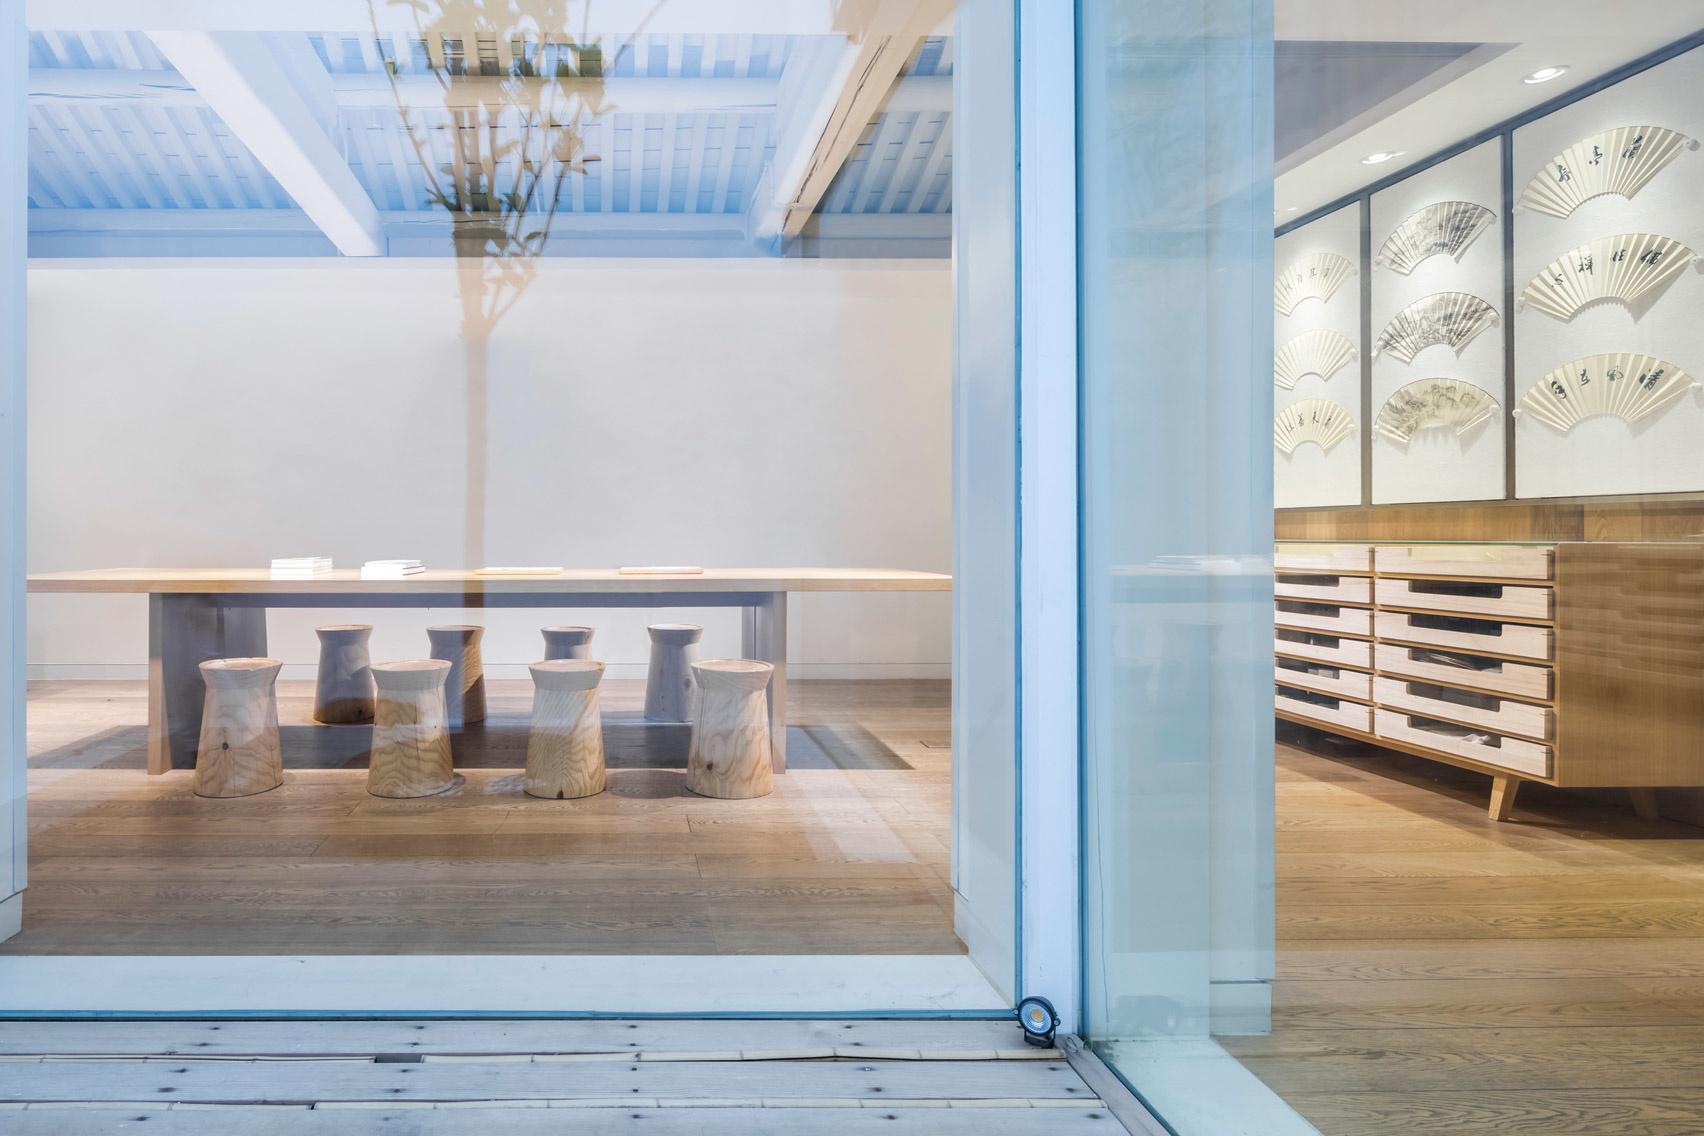 Магазин вееров в пекинском хутуне (галерея 6, фото 2)